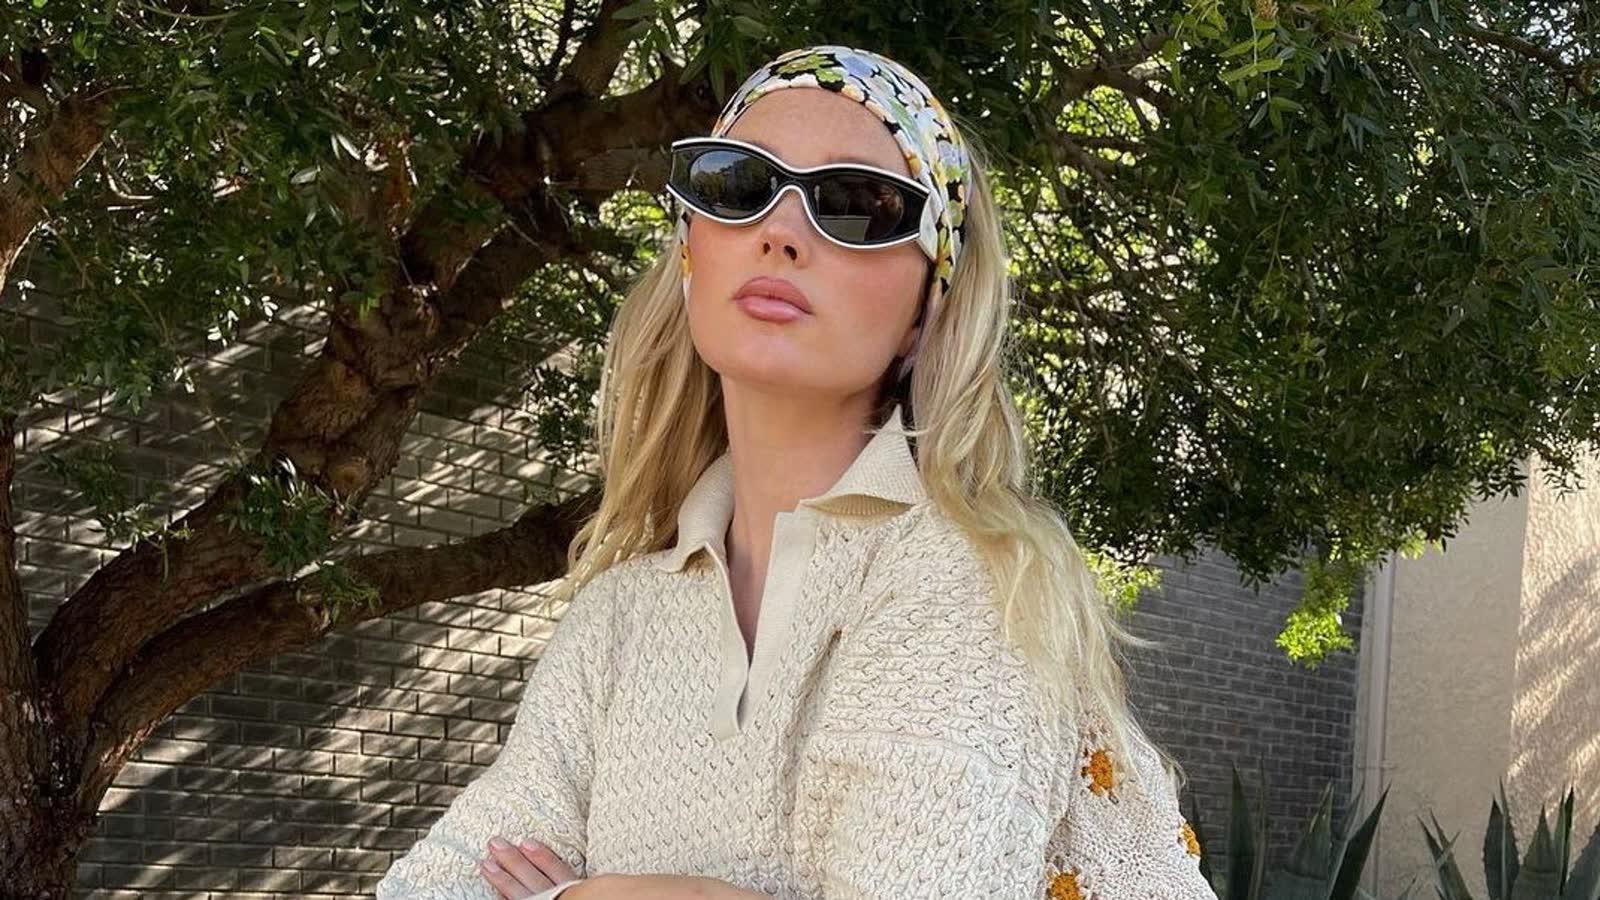 Elsa Hosk beweist, mehr ist mehr! Diesen Sommer tragen wir Crochet - und zwar head-to-toe